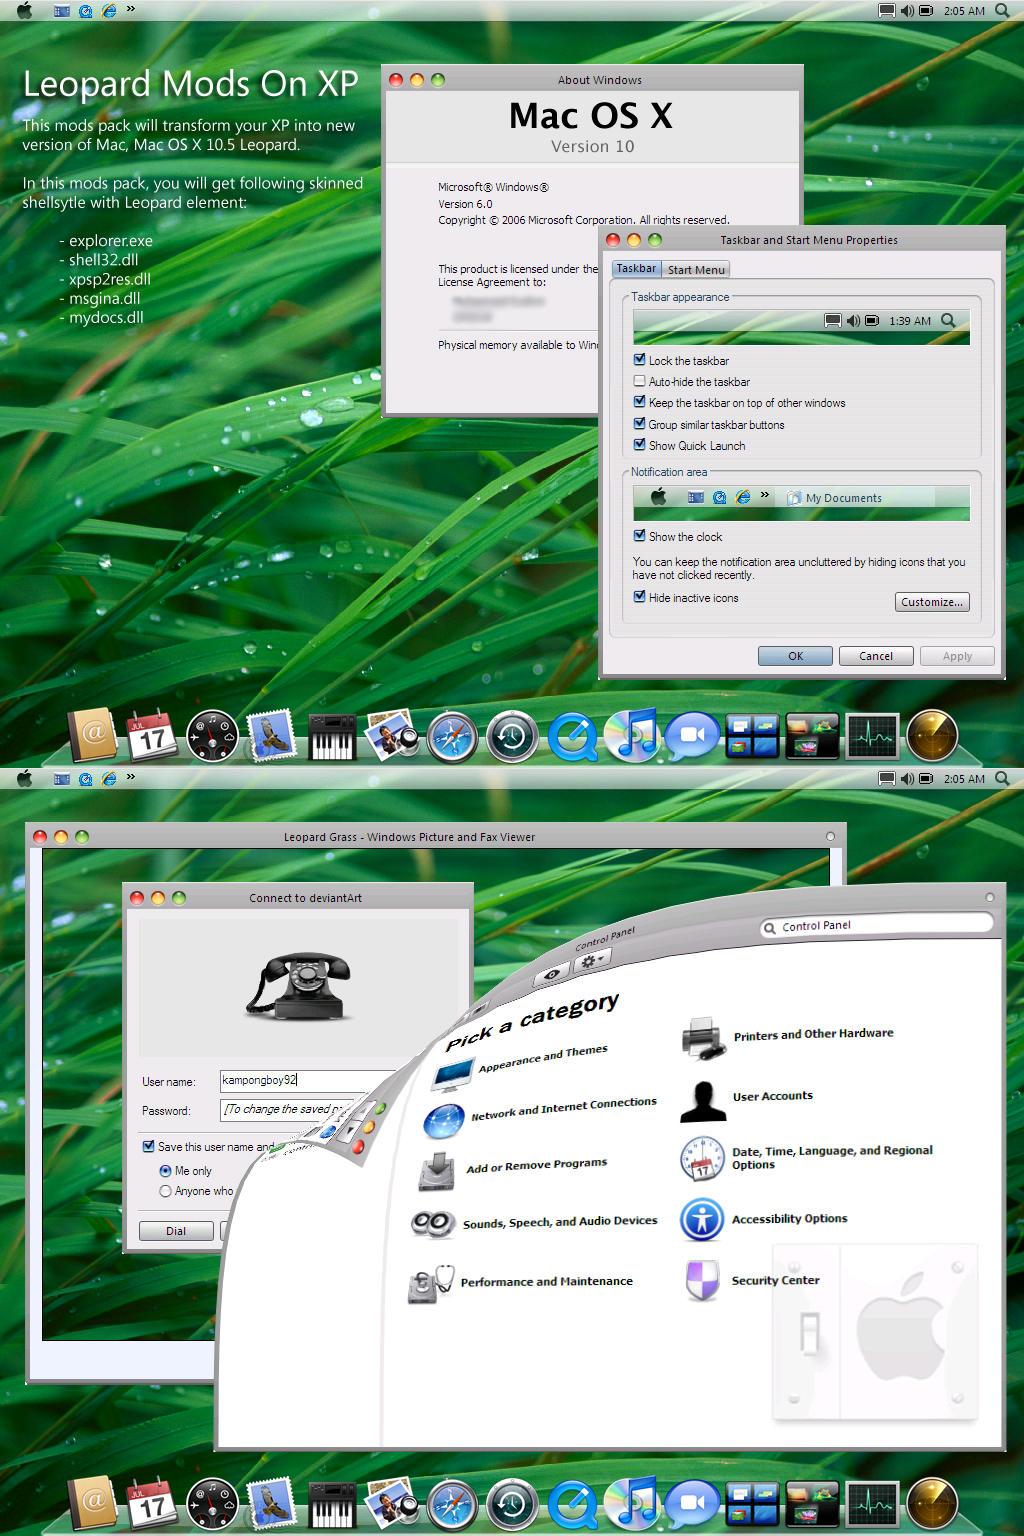 Leopard Mods On XP by kampongboy92